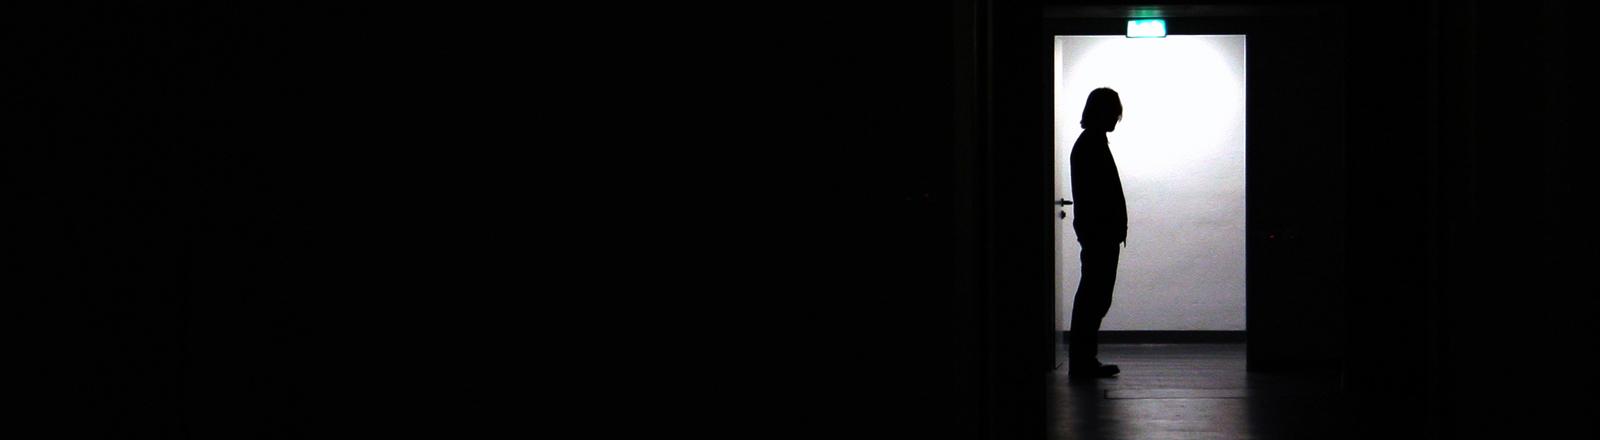 Person steht in der Tür eines dunklen Raums